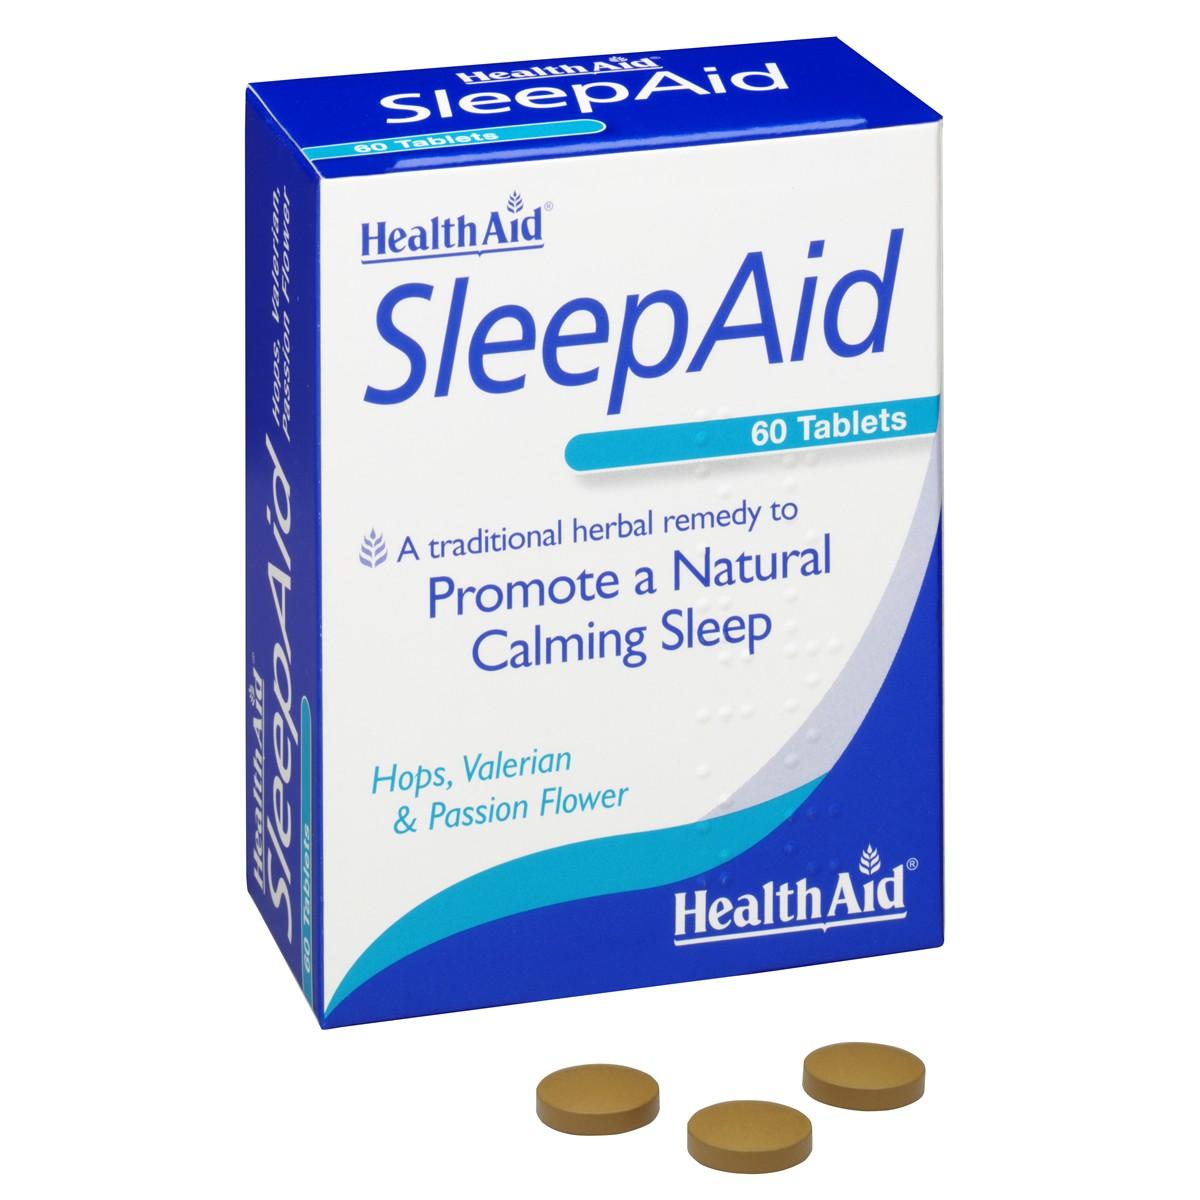 HealthAid SleapAid